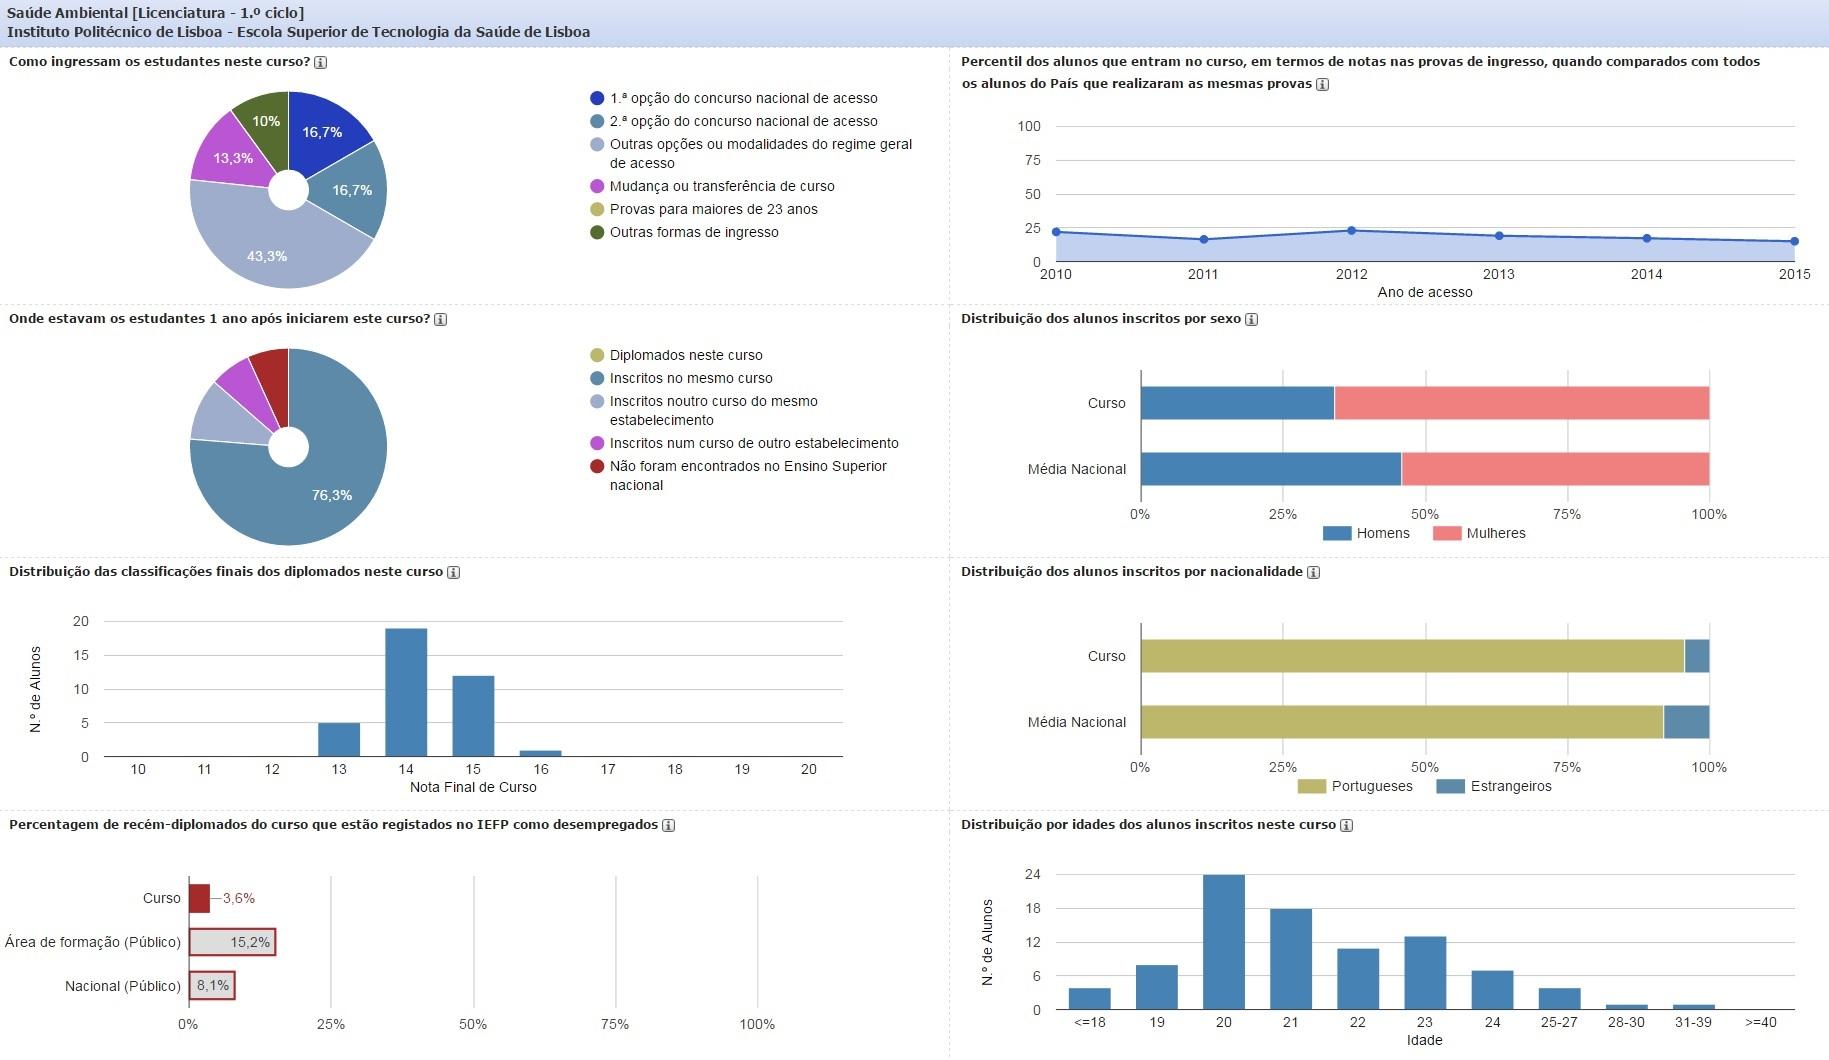 Dados estatísticos do Curso de Licenciatura em Saúde Ambiental (ESTeSL), referentes a dezembro de 2015